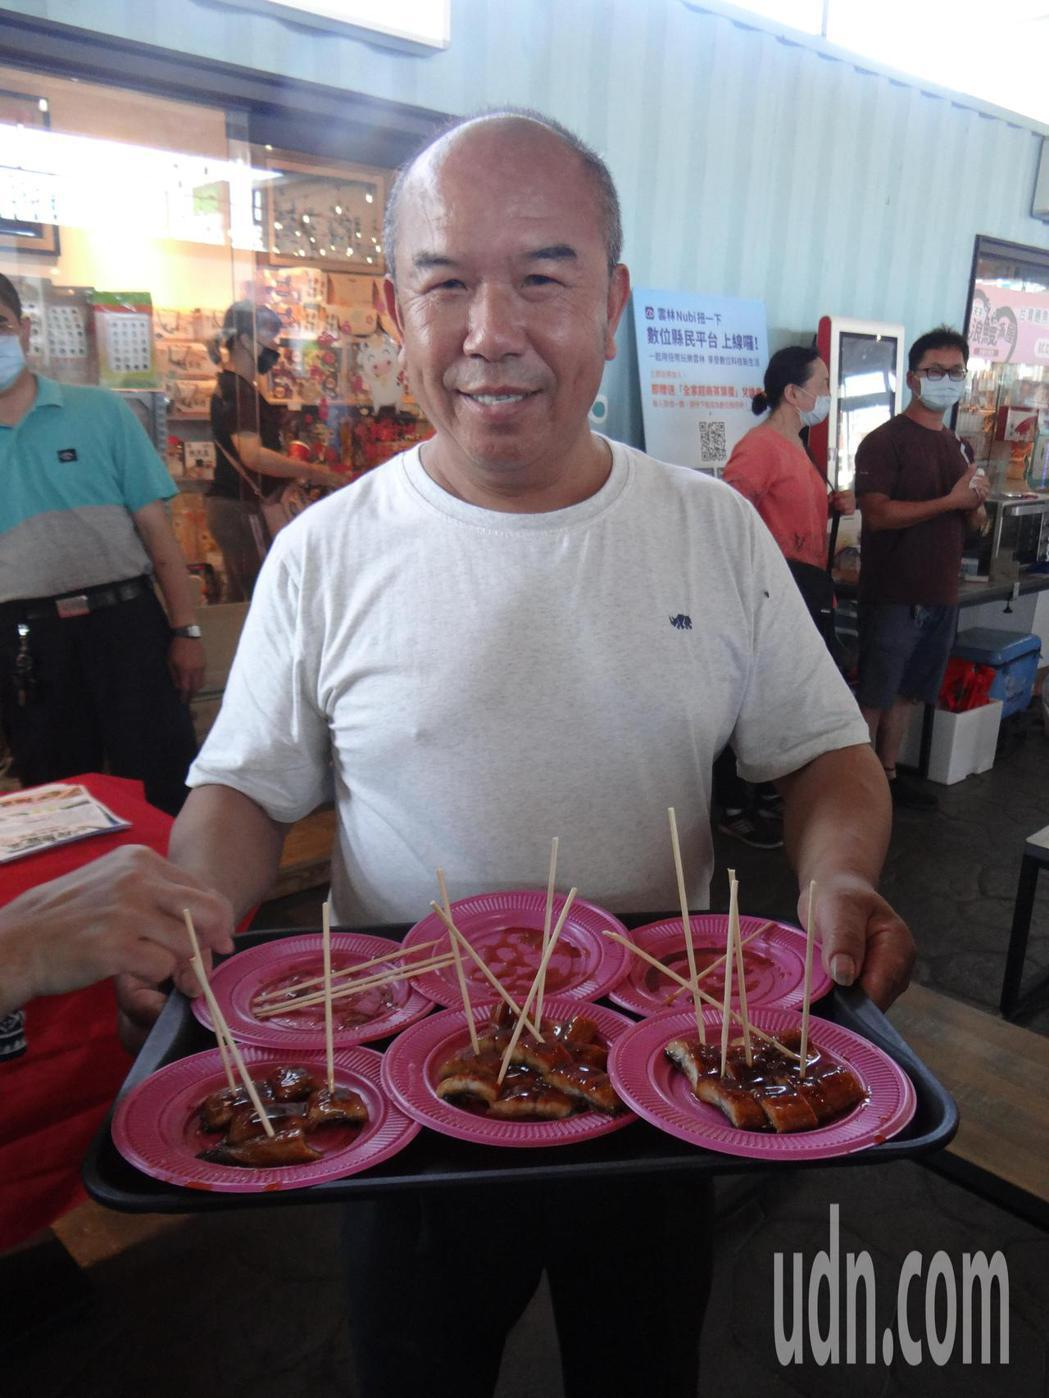 有名的口湖鄉烏魚伯曾煥侑推出的冰烤鰻香Q可口,相當好吃。記者蔡維斌/攝影